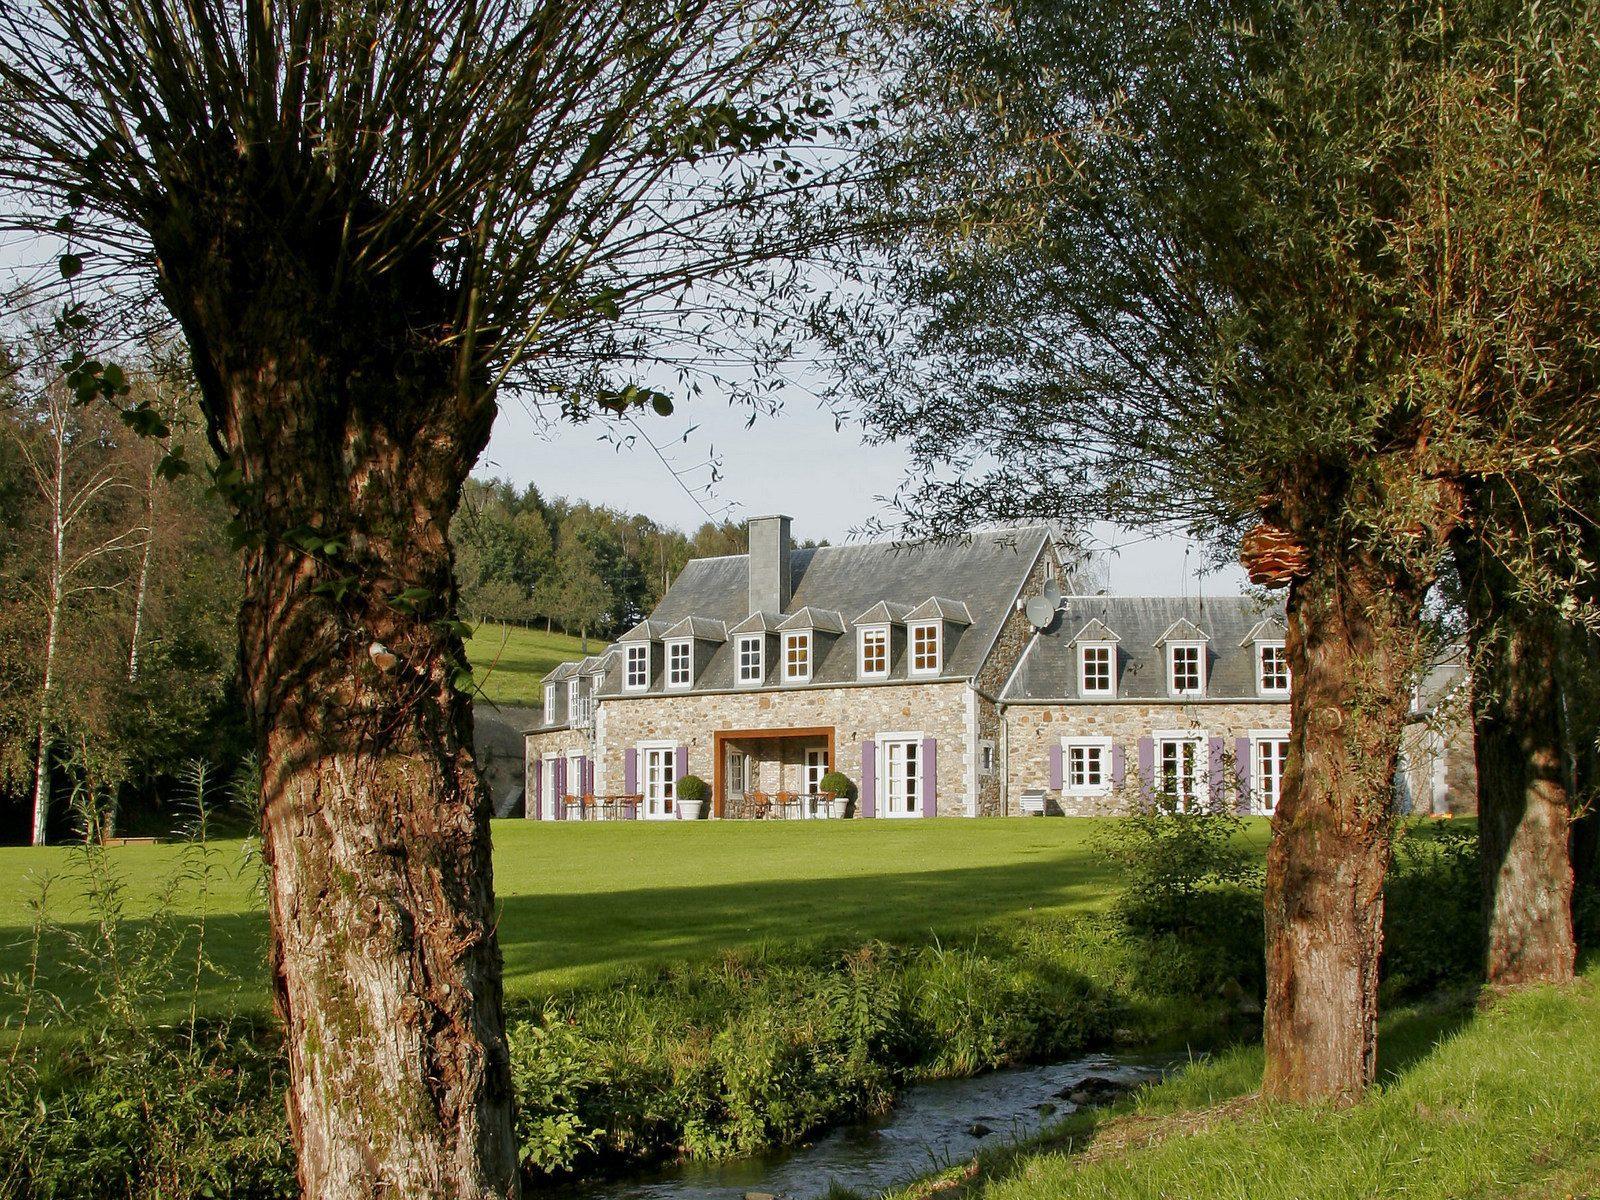 Belgie, Voerstreek, Limburg, Boukai Moulin, luxe vakantiehuis, groepen, zwembad, sauna